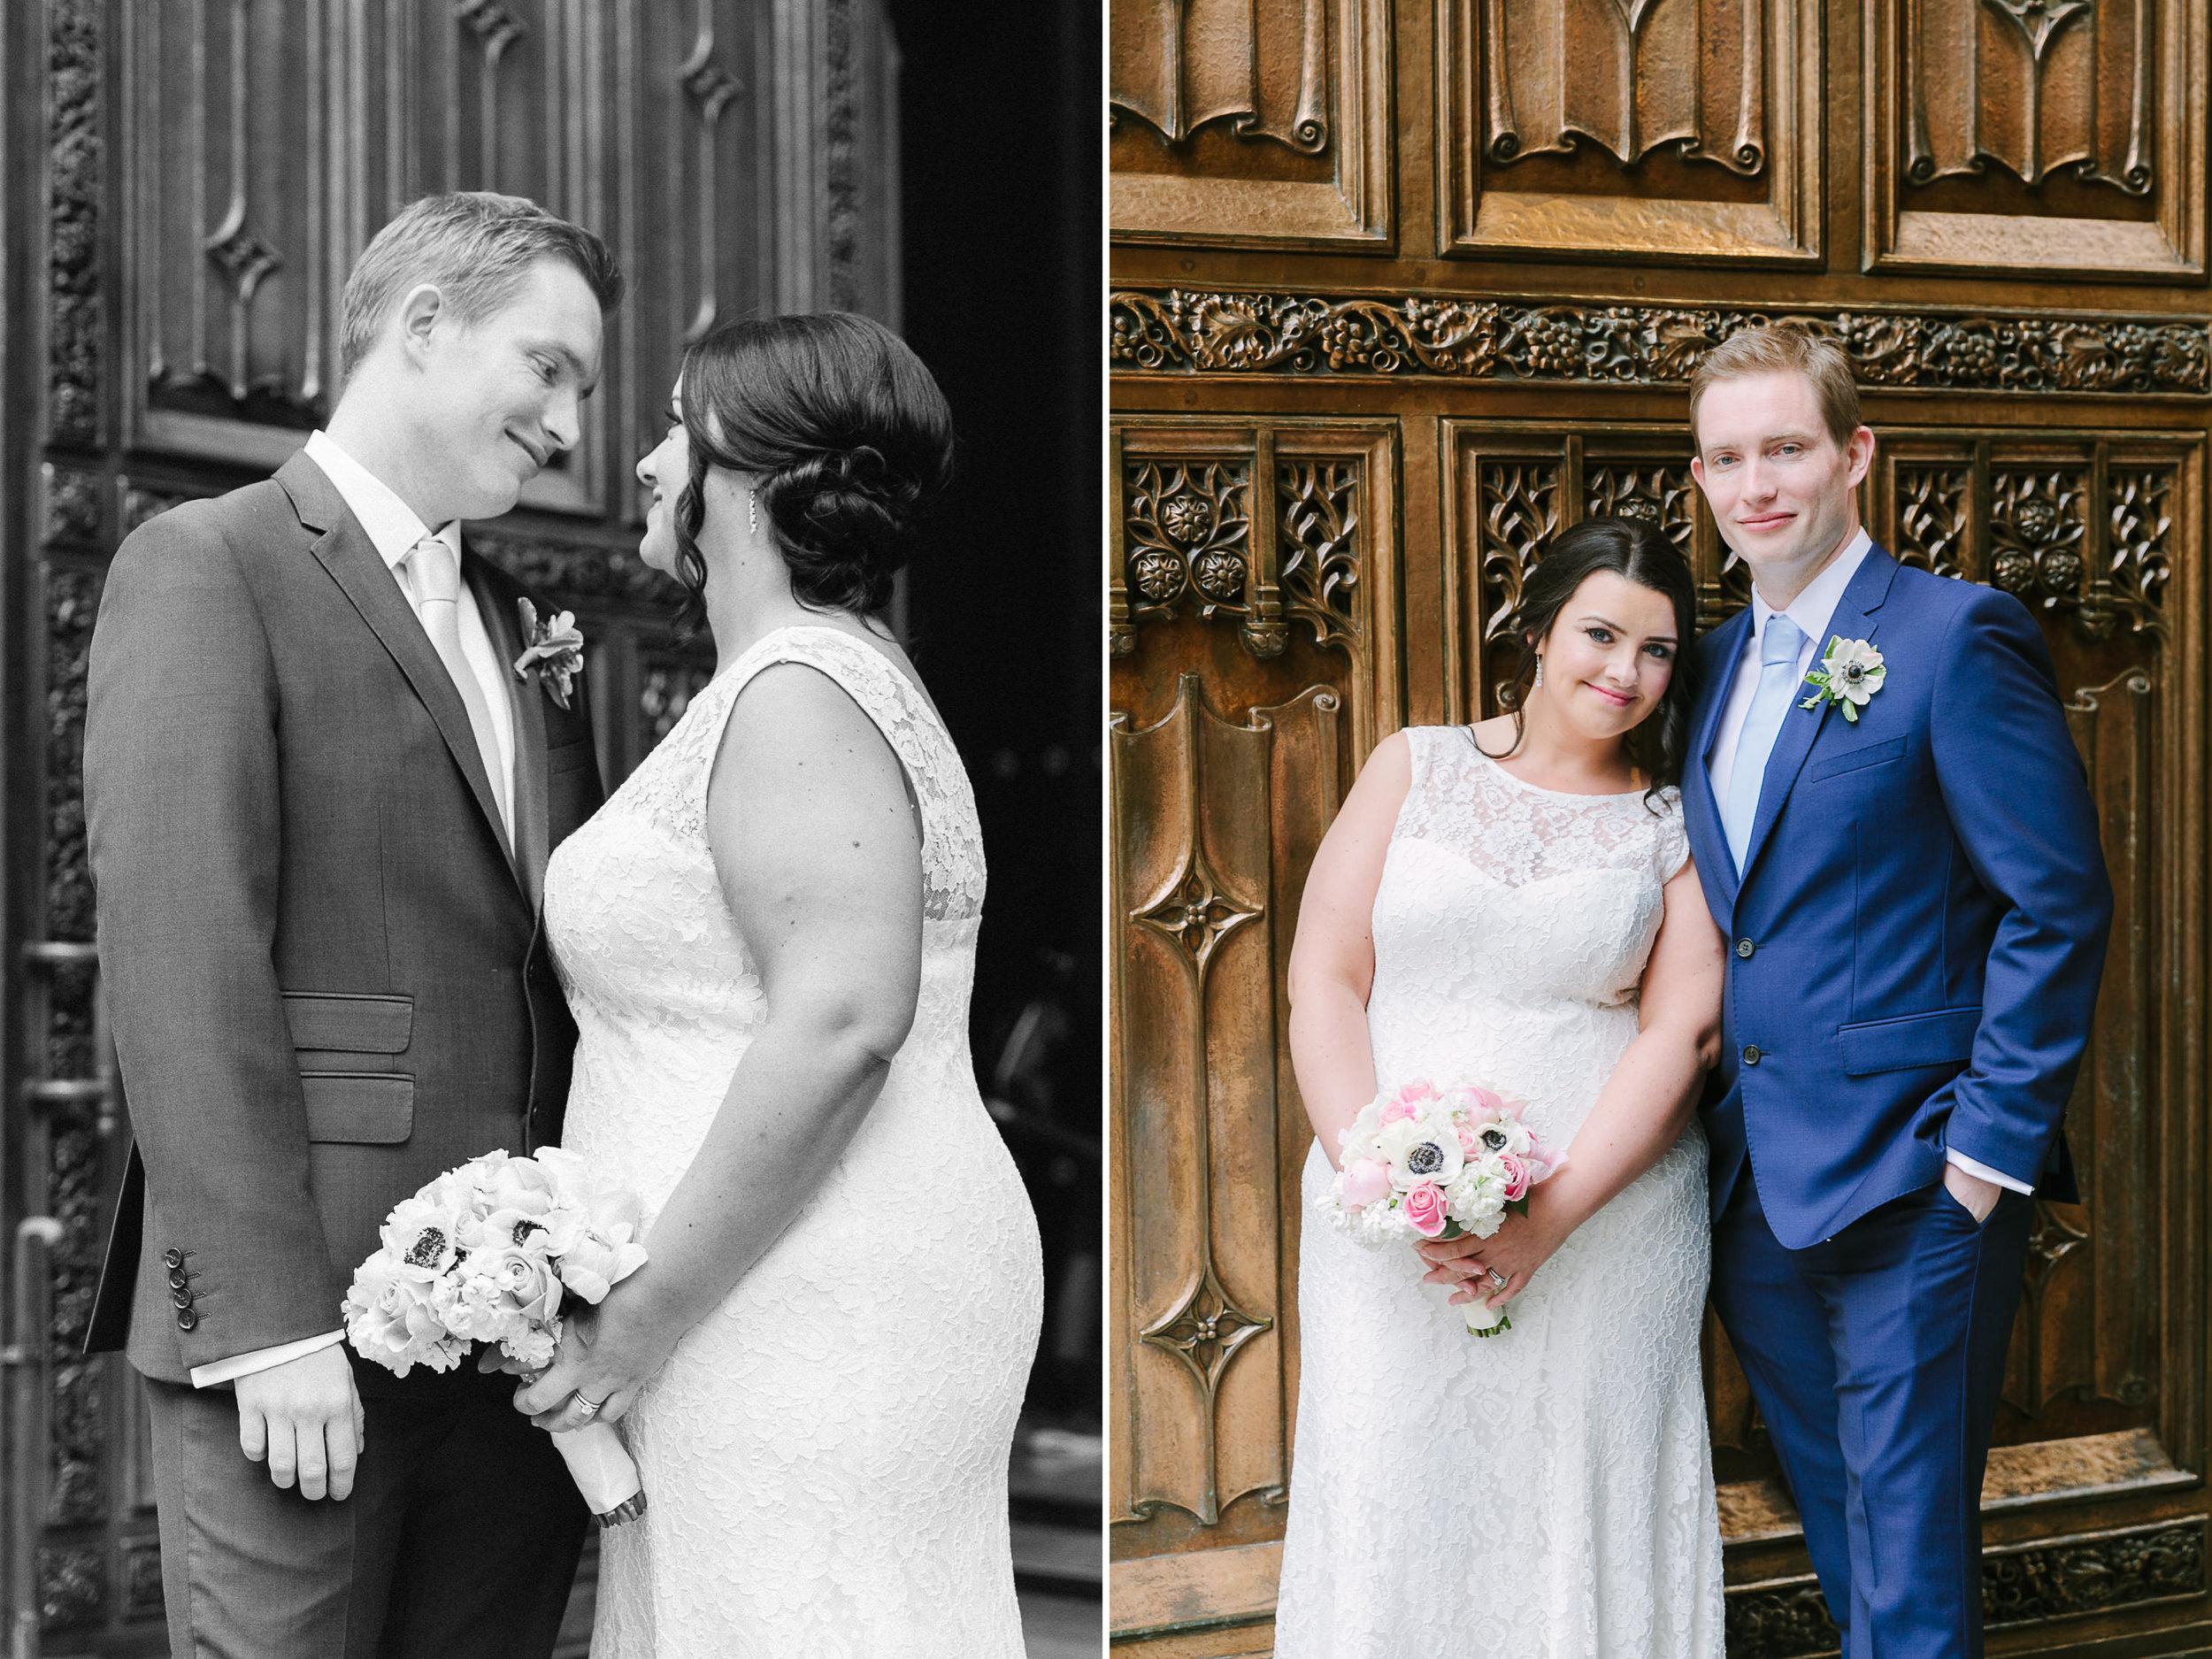 620-Loft&Garden-wedding-J&A-14.jpg